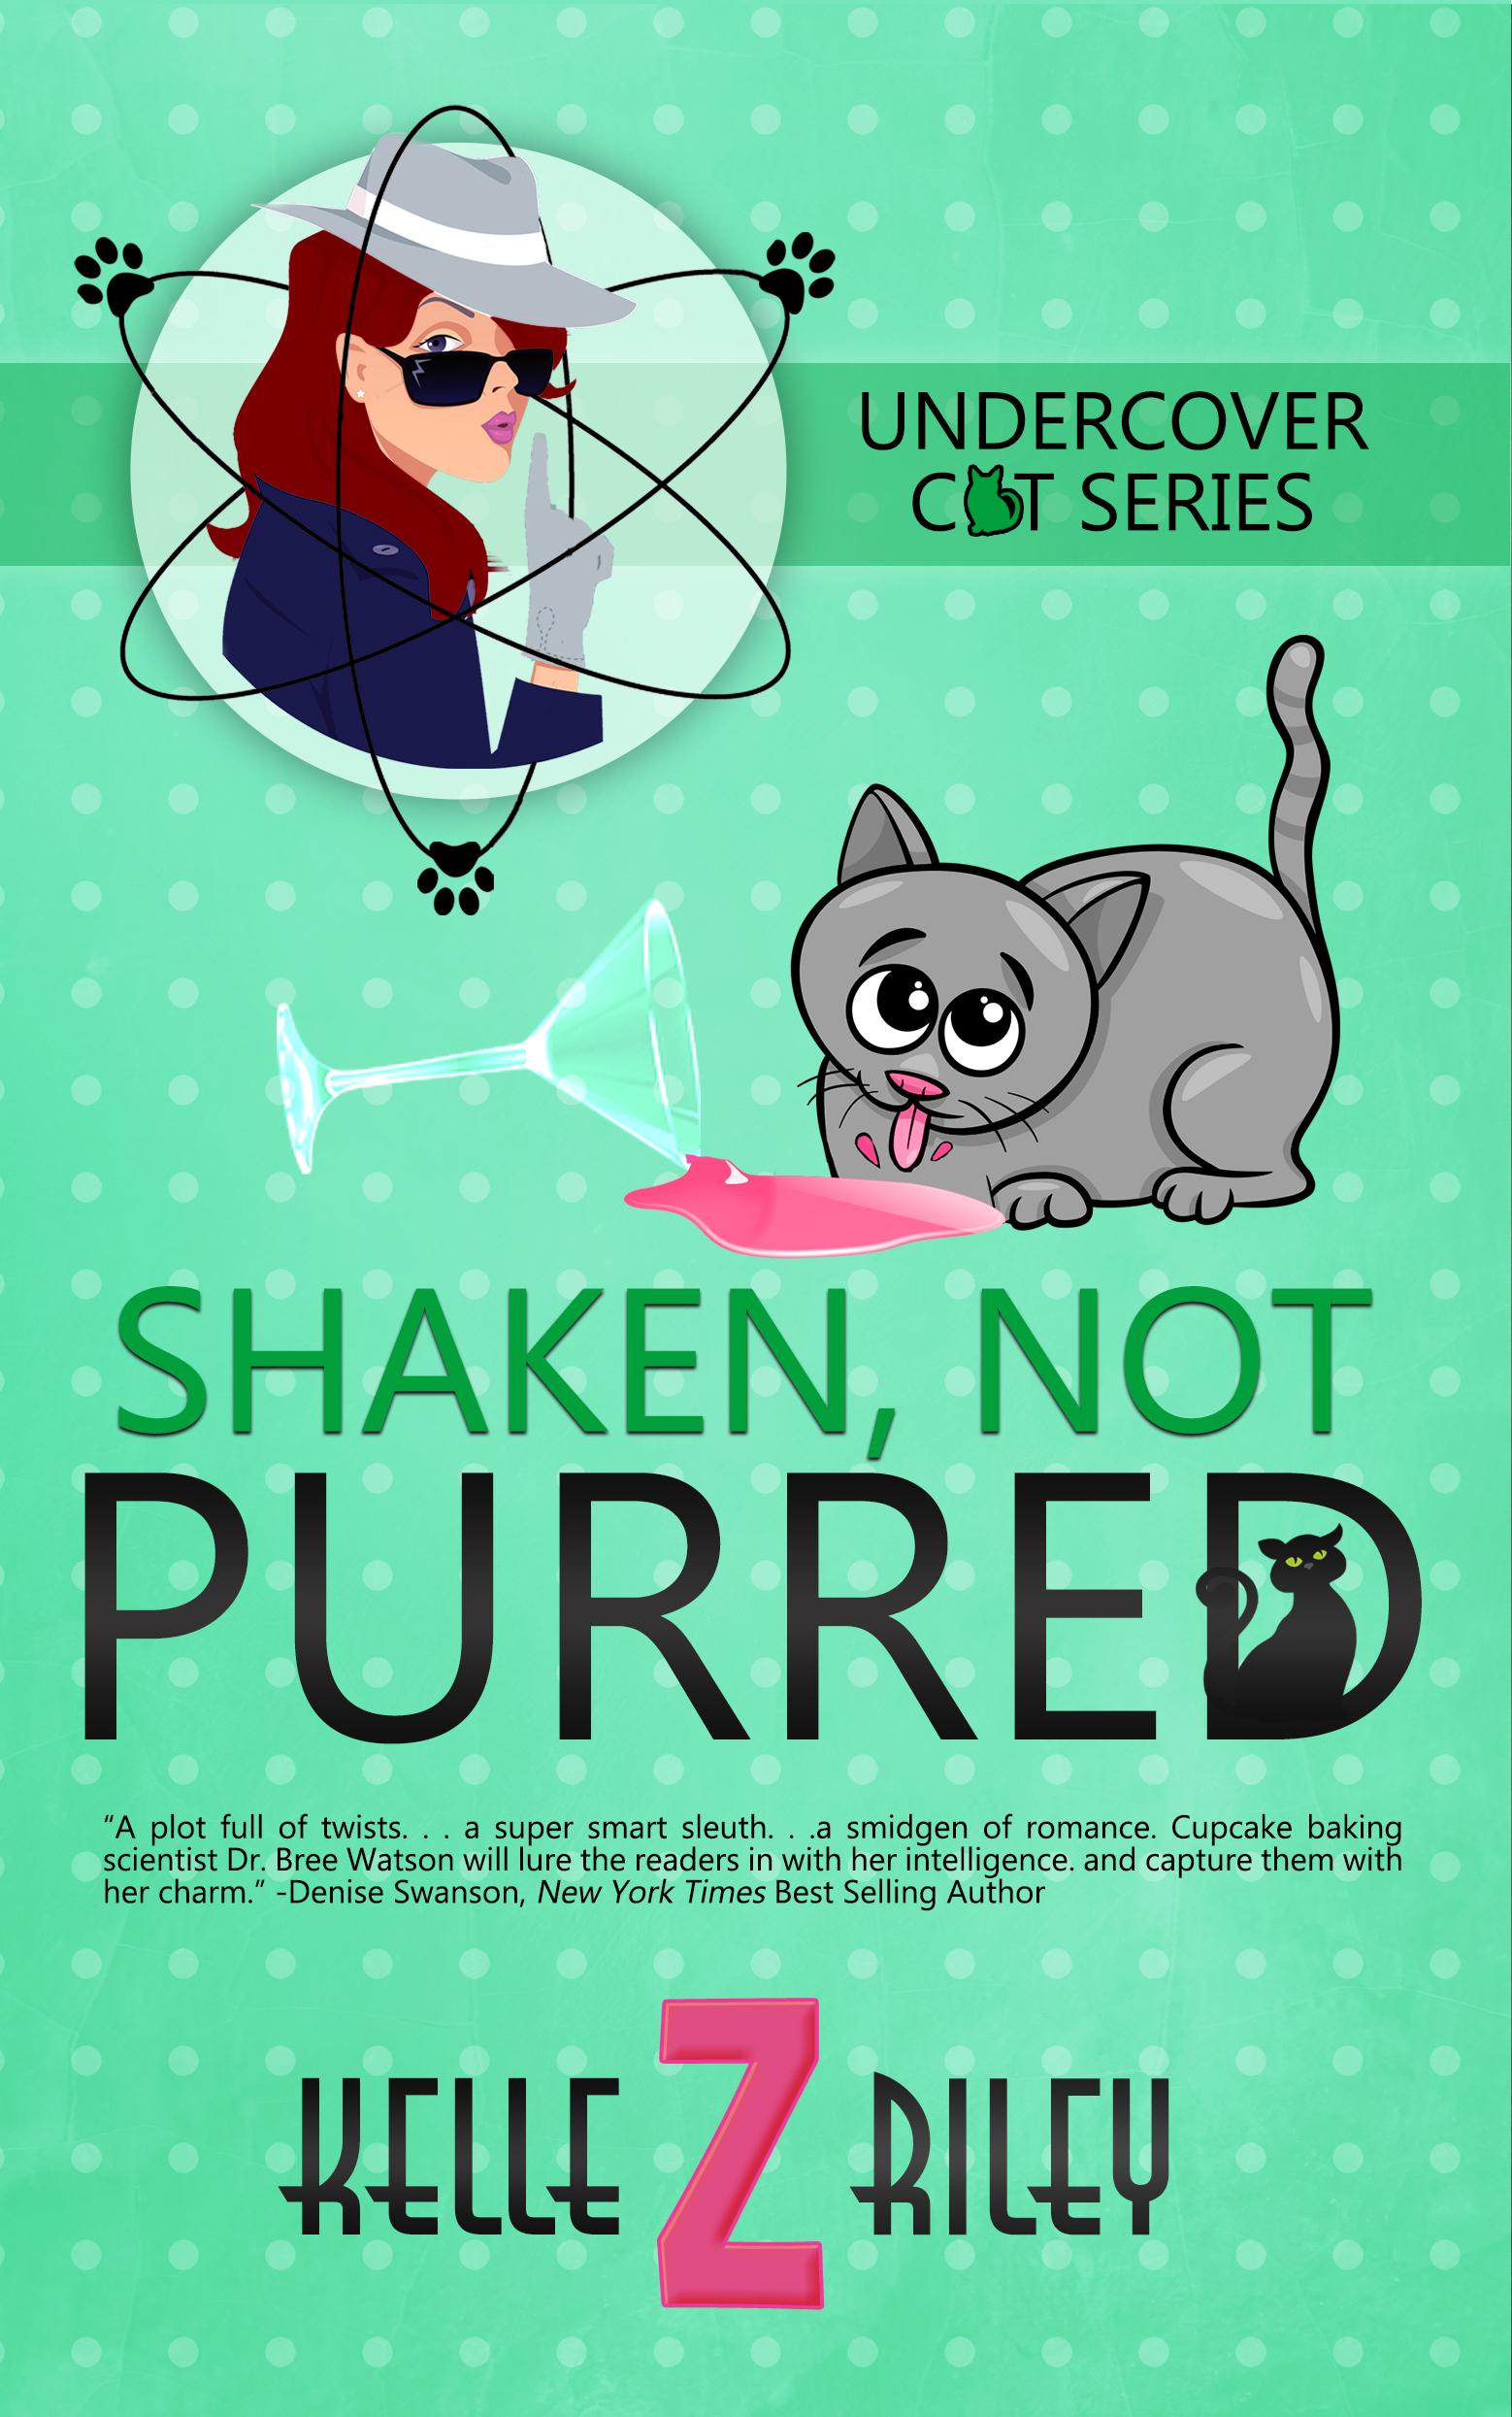 Shaken_Not_Purred_ebook cover.jpg